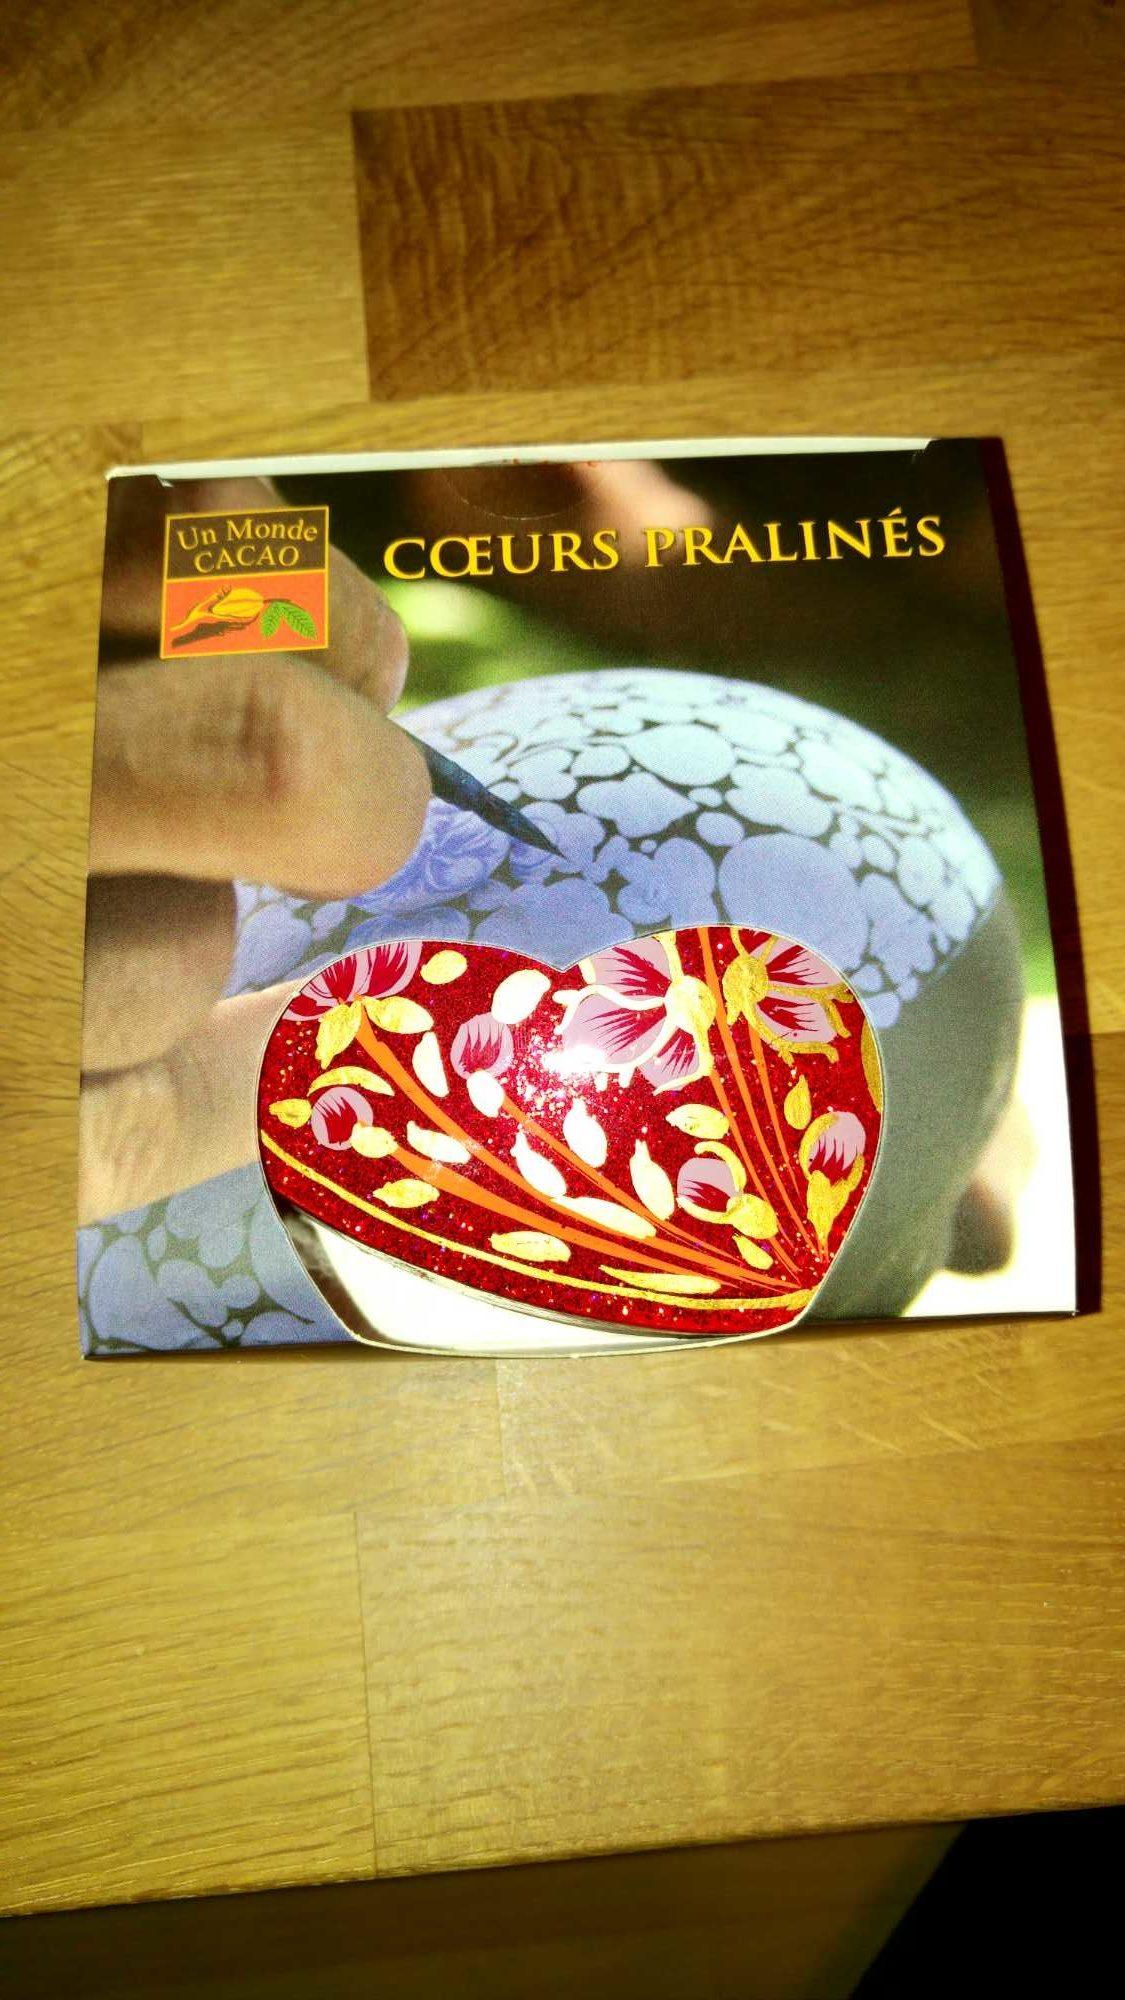 Cœurs pralinés - Produit - fr